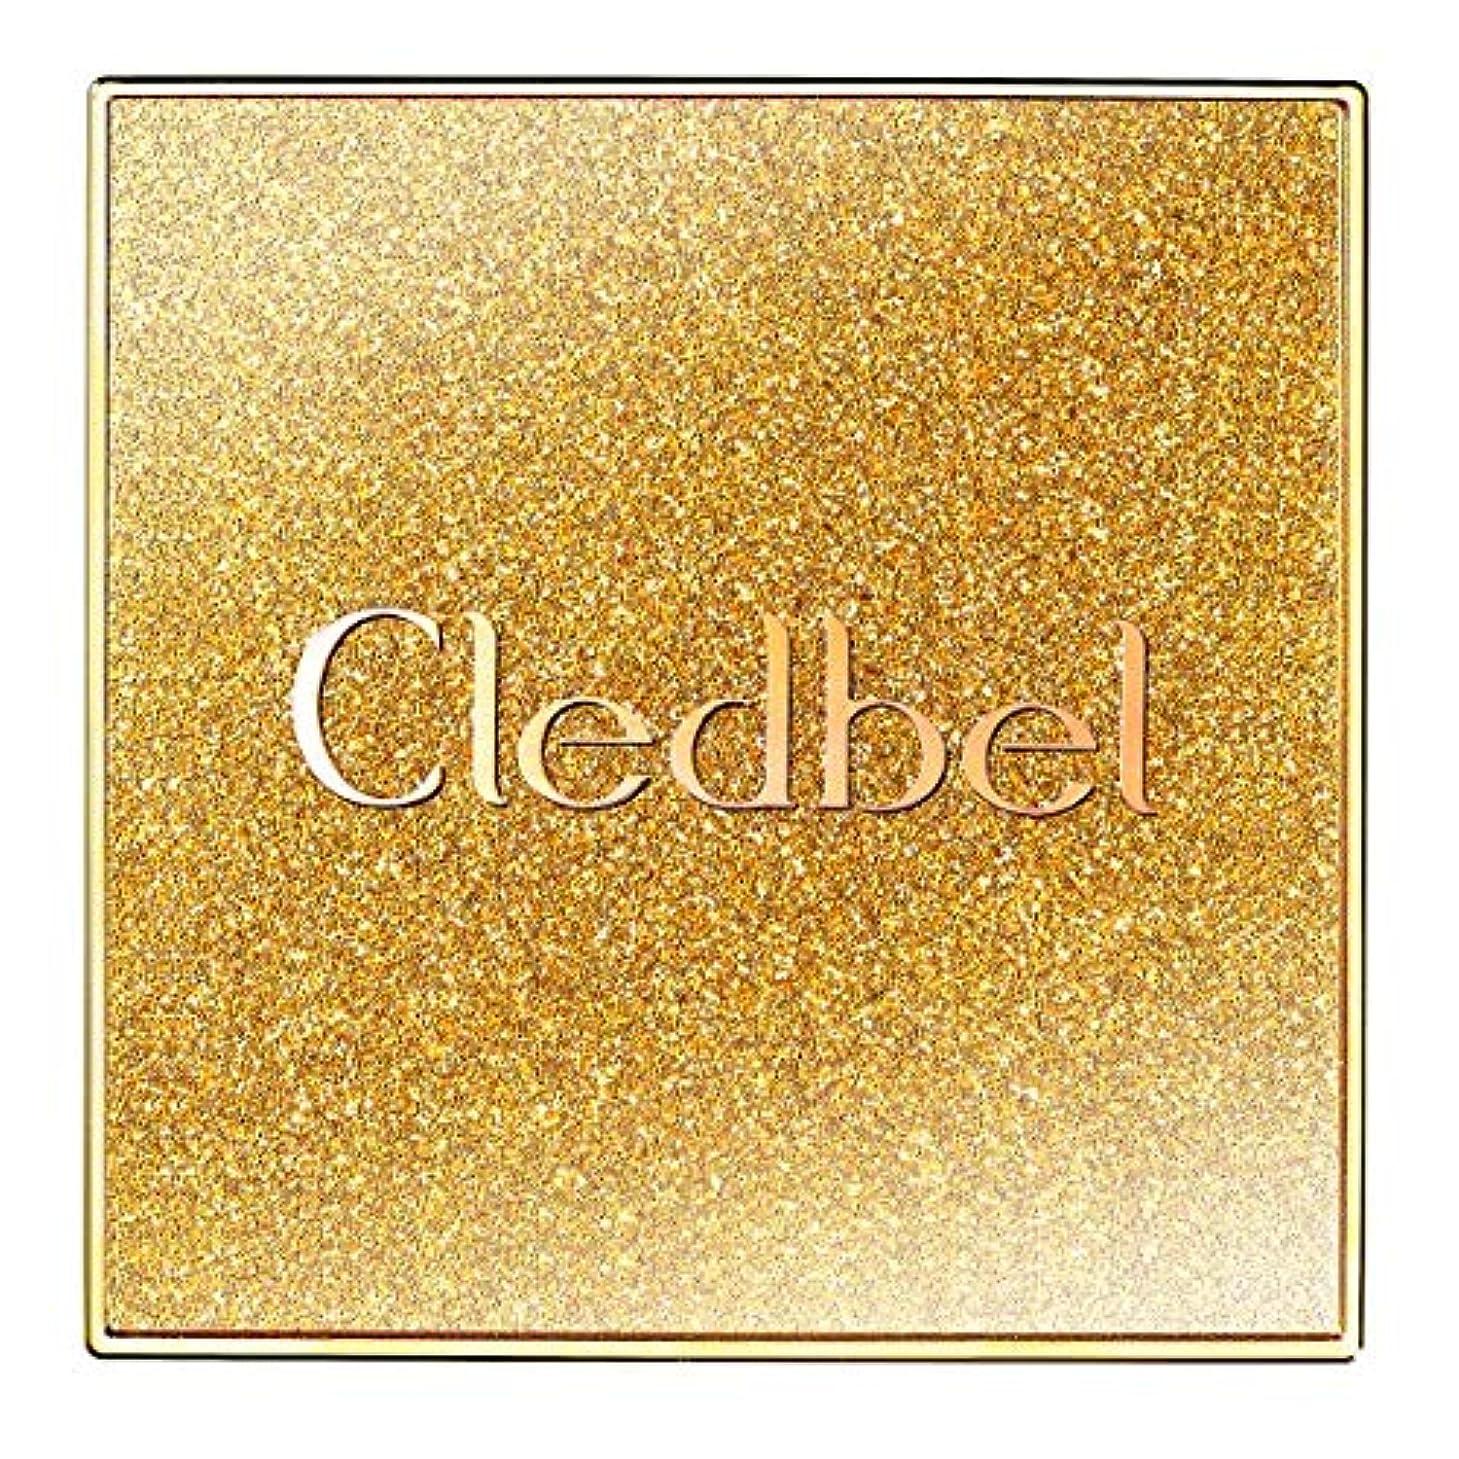 崇拝します驚くべき違法[Cledbel] Miracle Power Lift V Cushion SPF50+ PA+++ GOLD EDITION/クレッドベルミラクルリフトV クッション [並行輸入品]